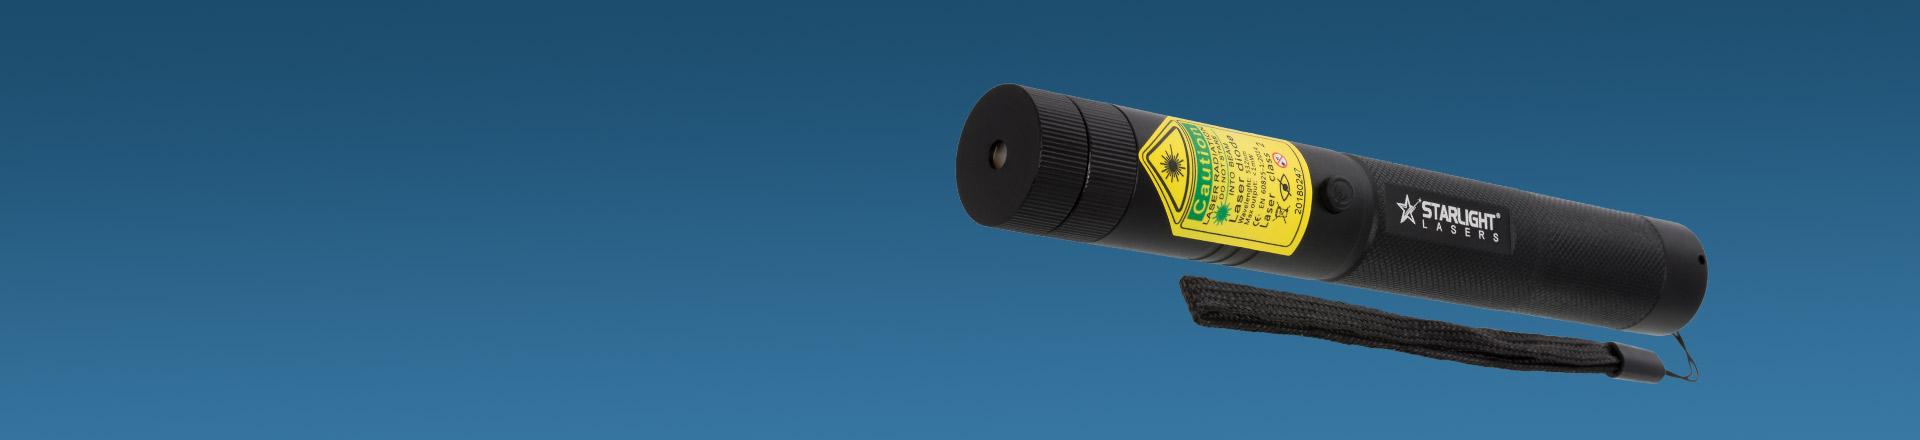 G1 pro laserpointer